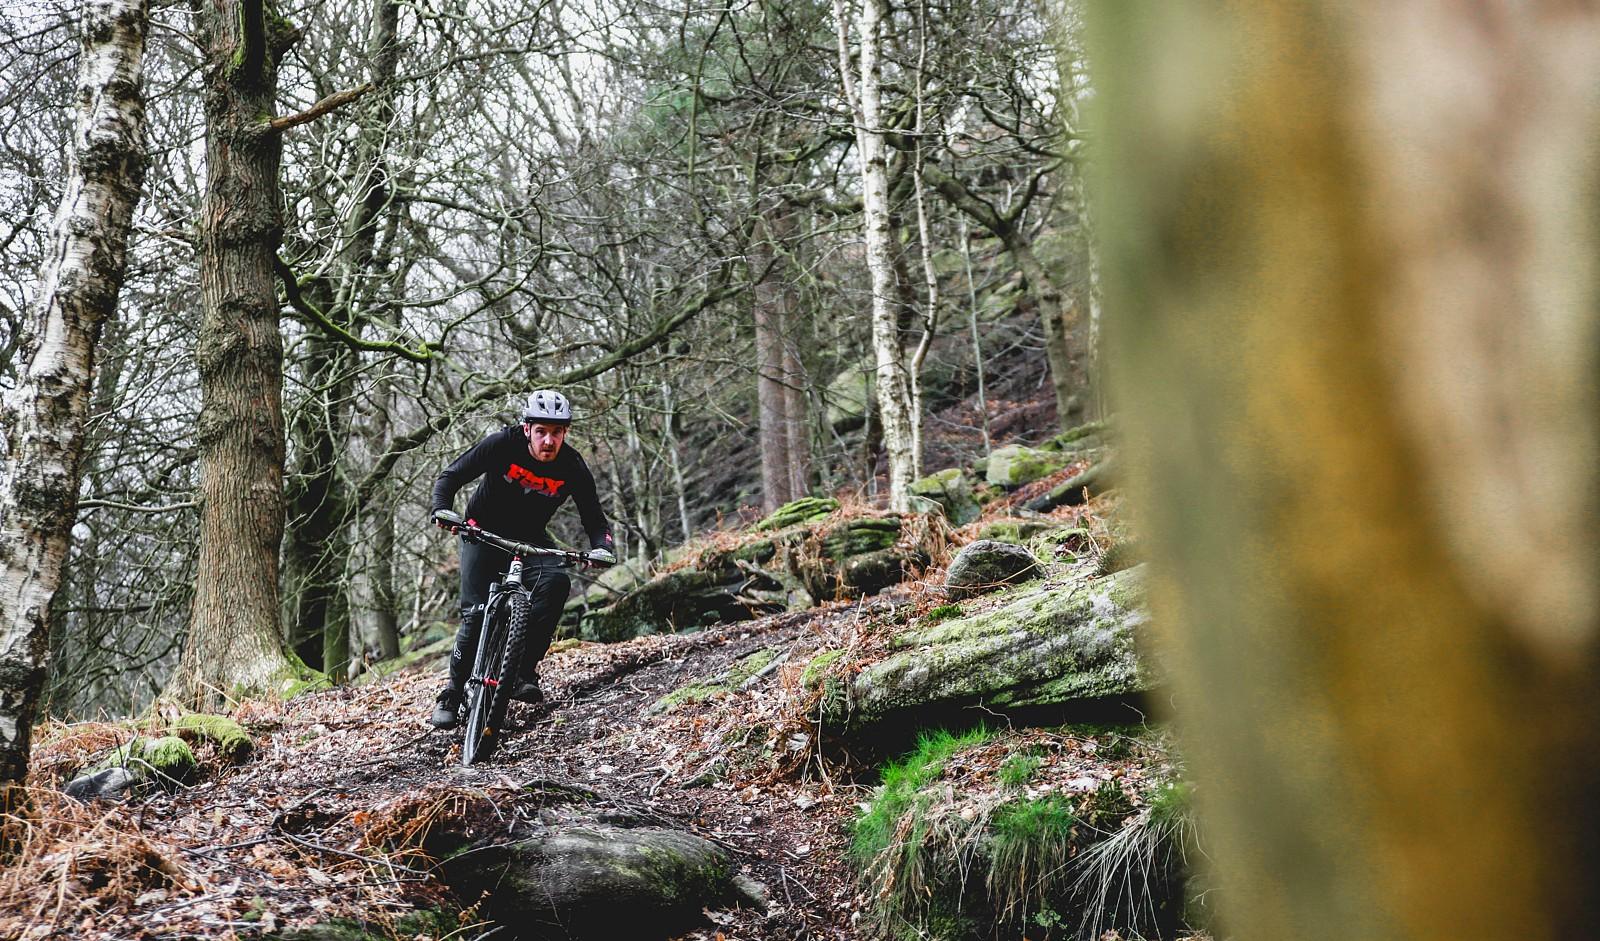 IMG 0612 - Mushrum - Mountain Biking Pictures - Vital MTB